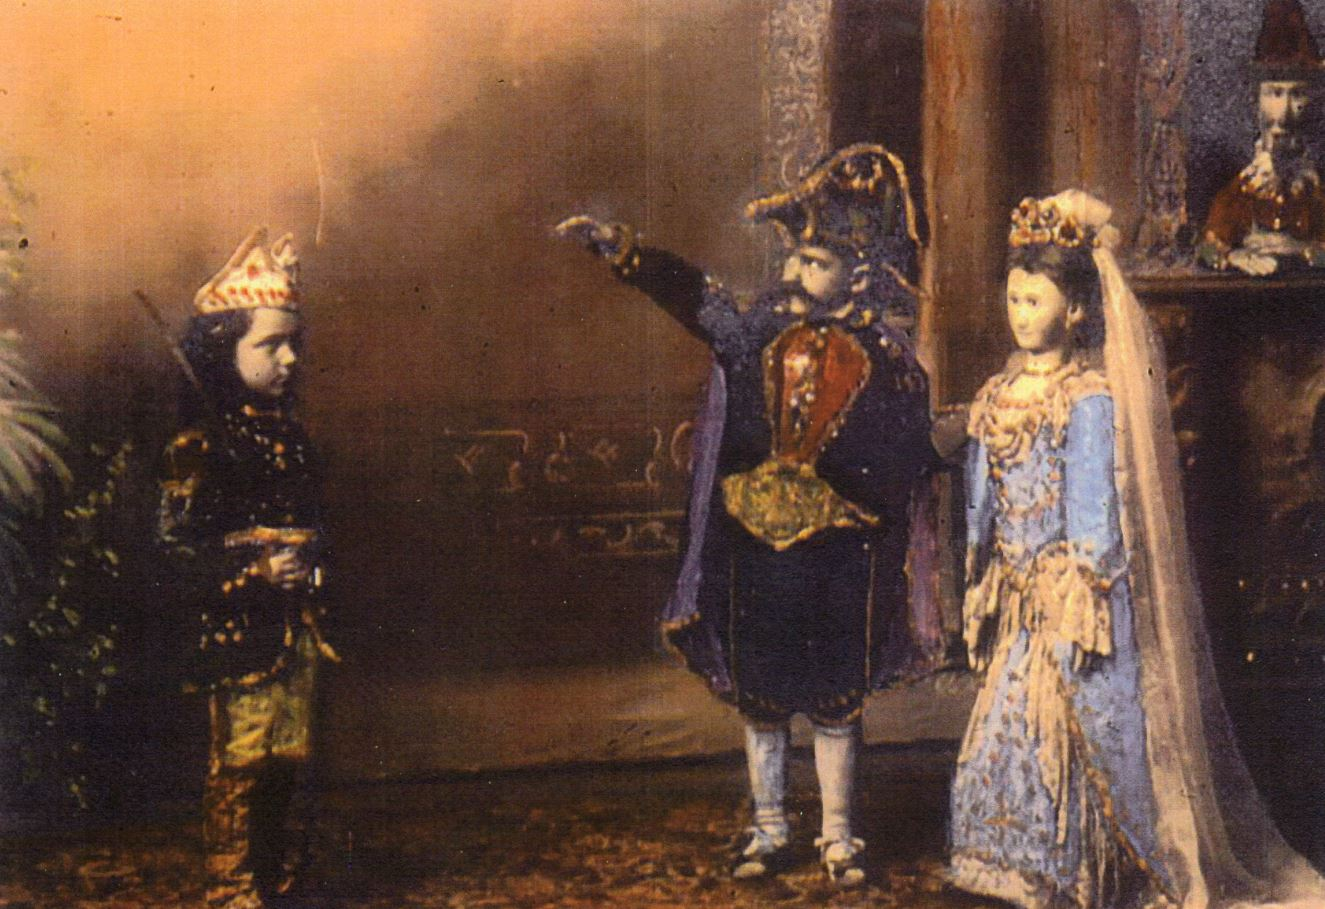 Weinkoetz puppet marionette show in St. Nazianz about 1900